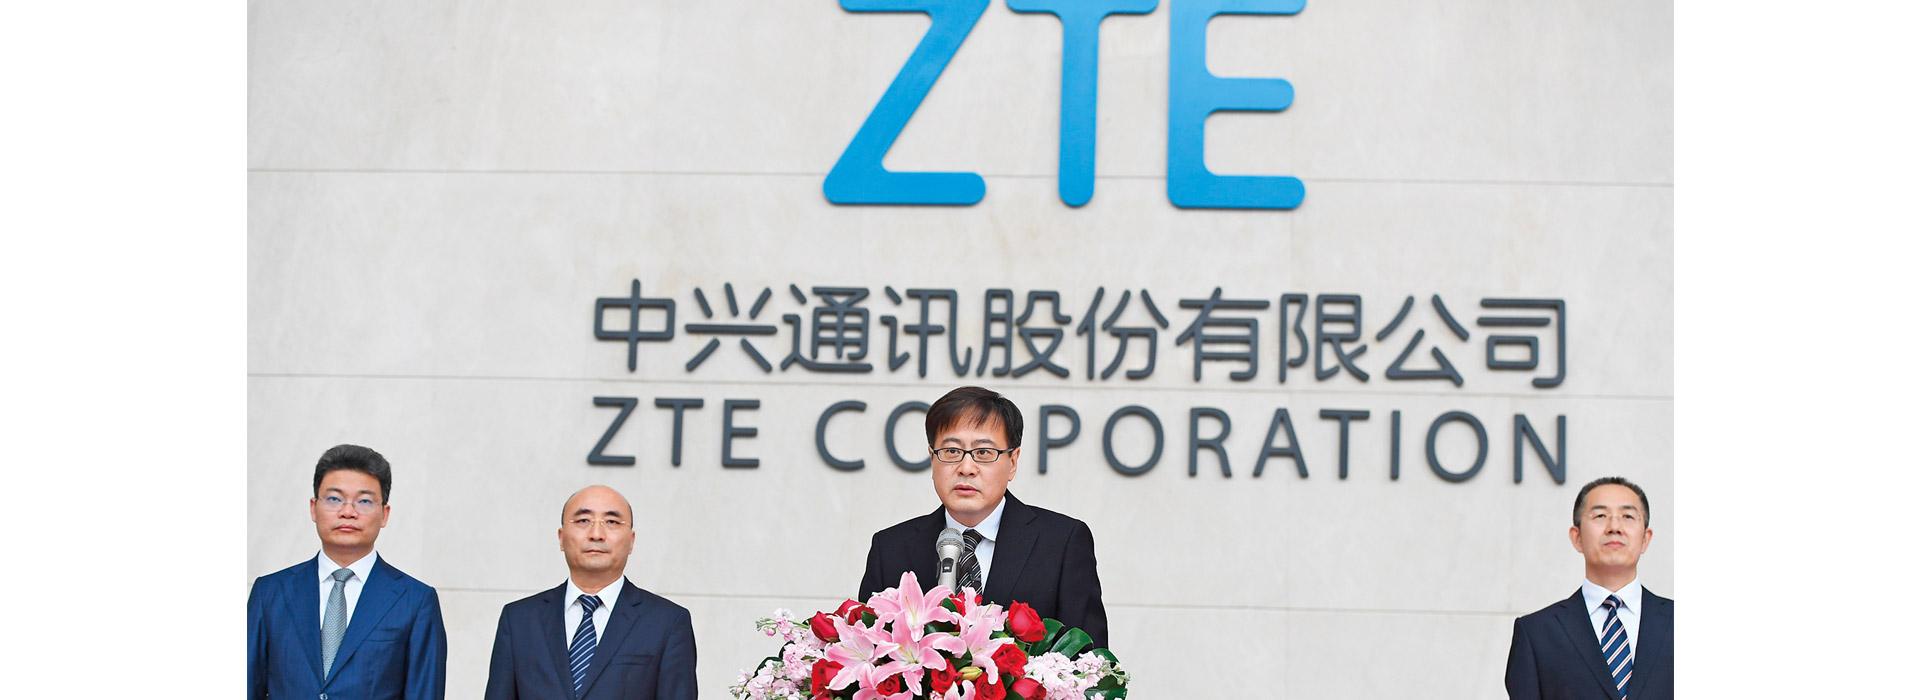 一紙禁令讓中興通訊「休克」 川普如何給中國科技業致命一擊?